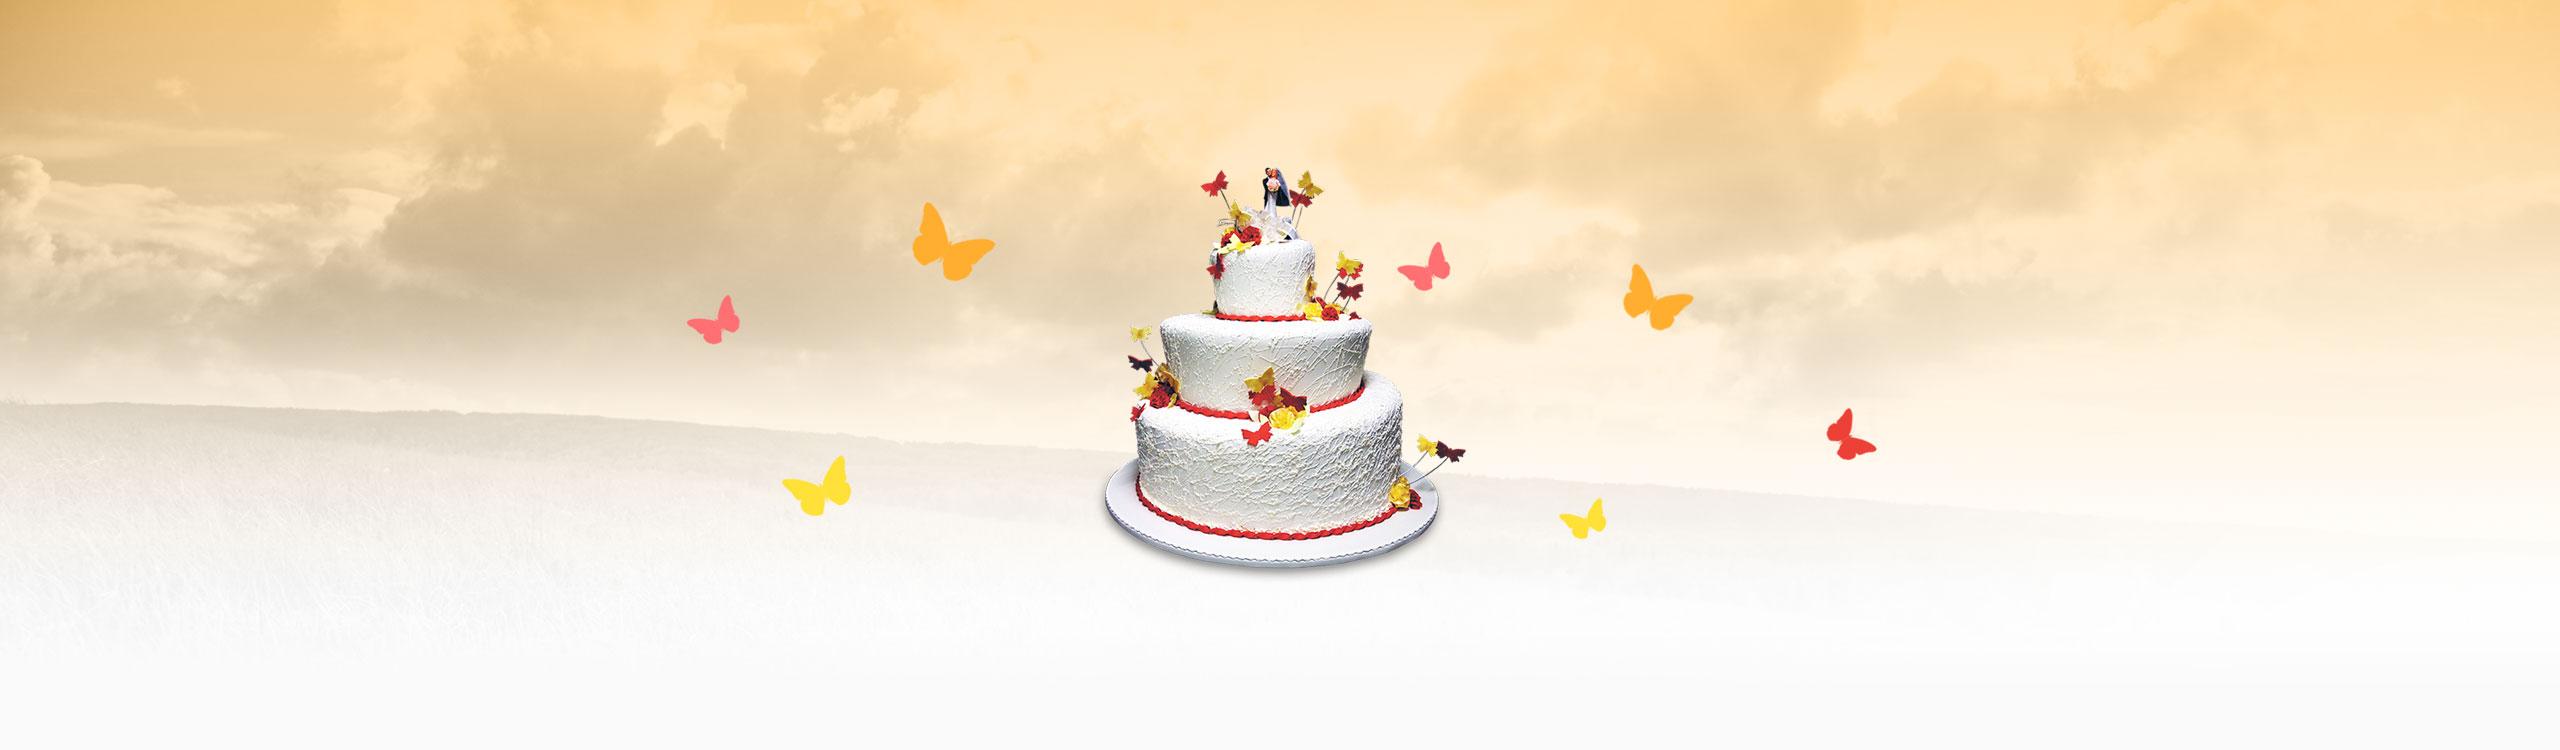 Disegni torta nuziale